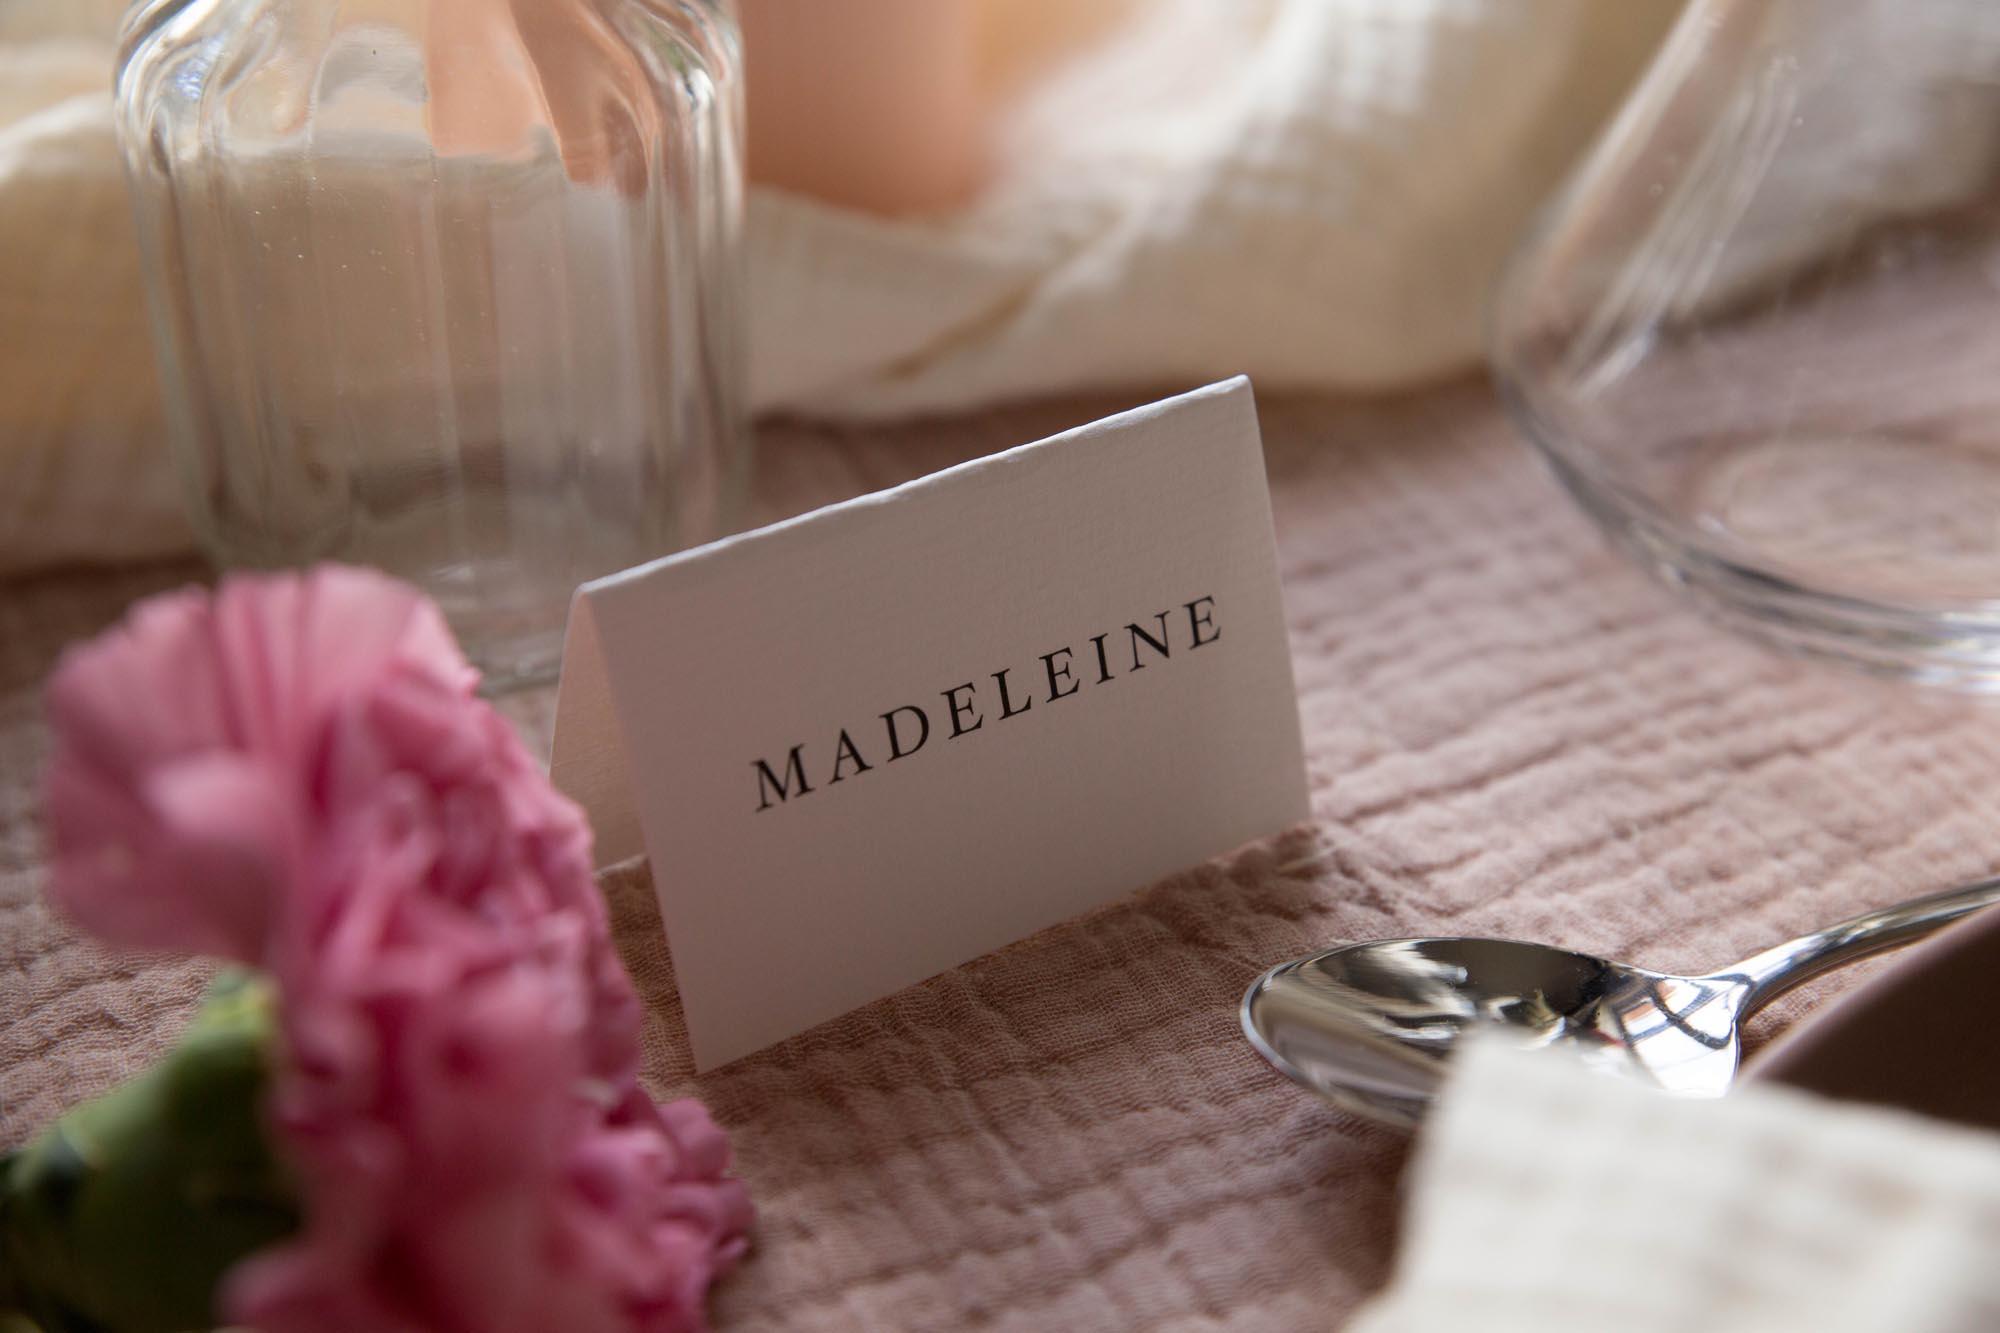 Marque-place invités mariage collection Blush couleurs rose, rose poudré, rose clair, blanc, mariage thèmes doux, romantique